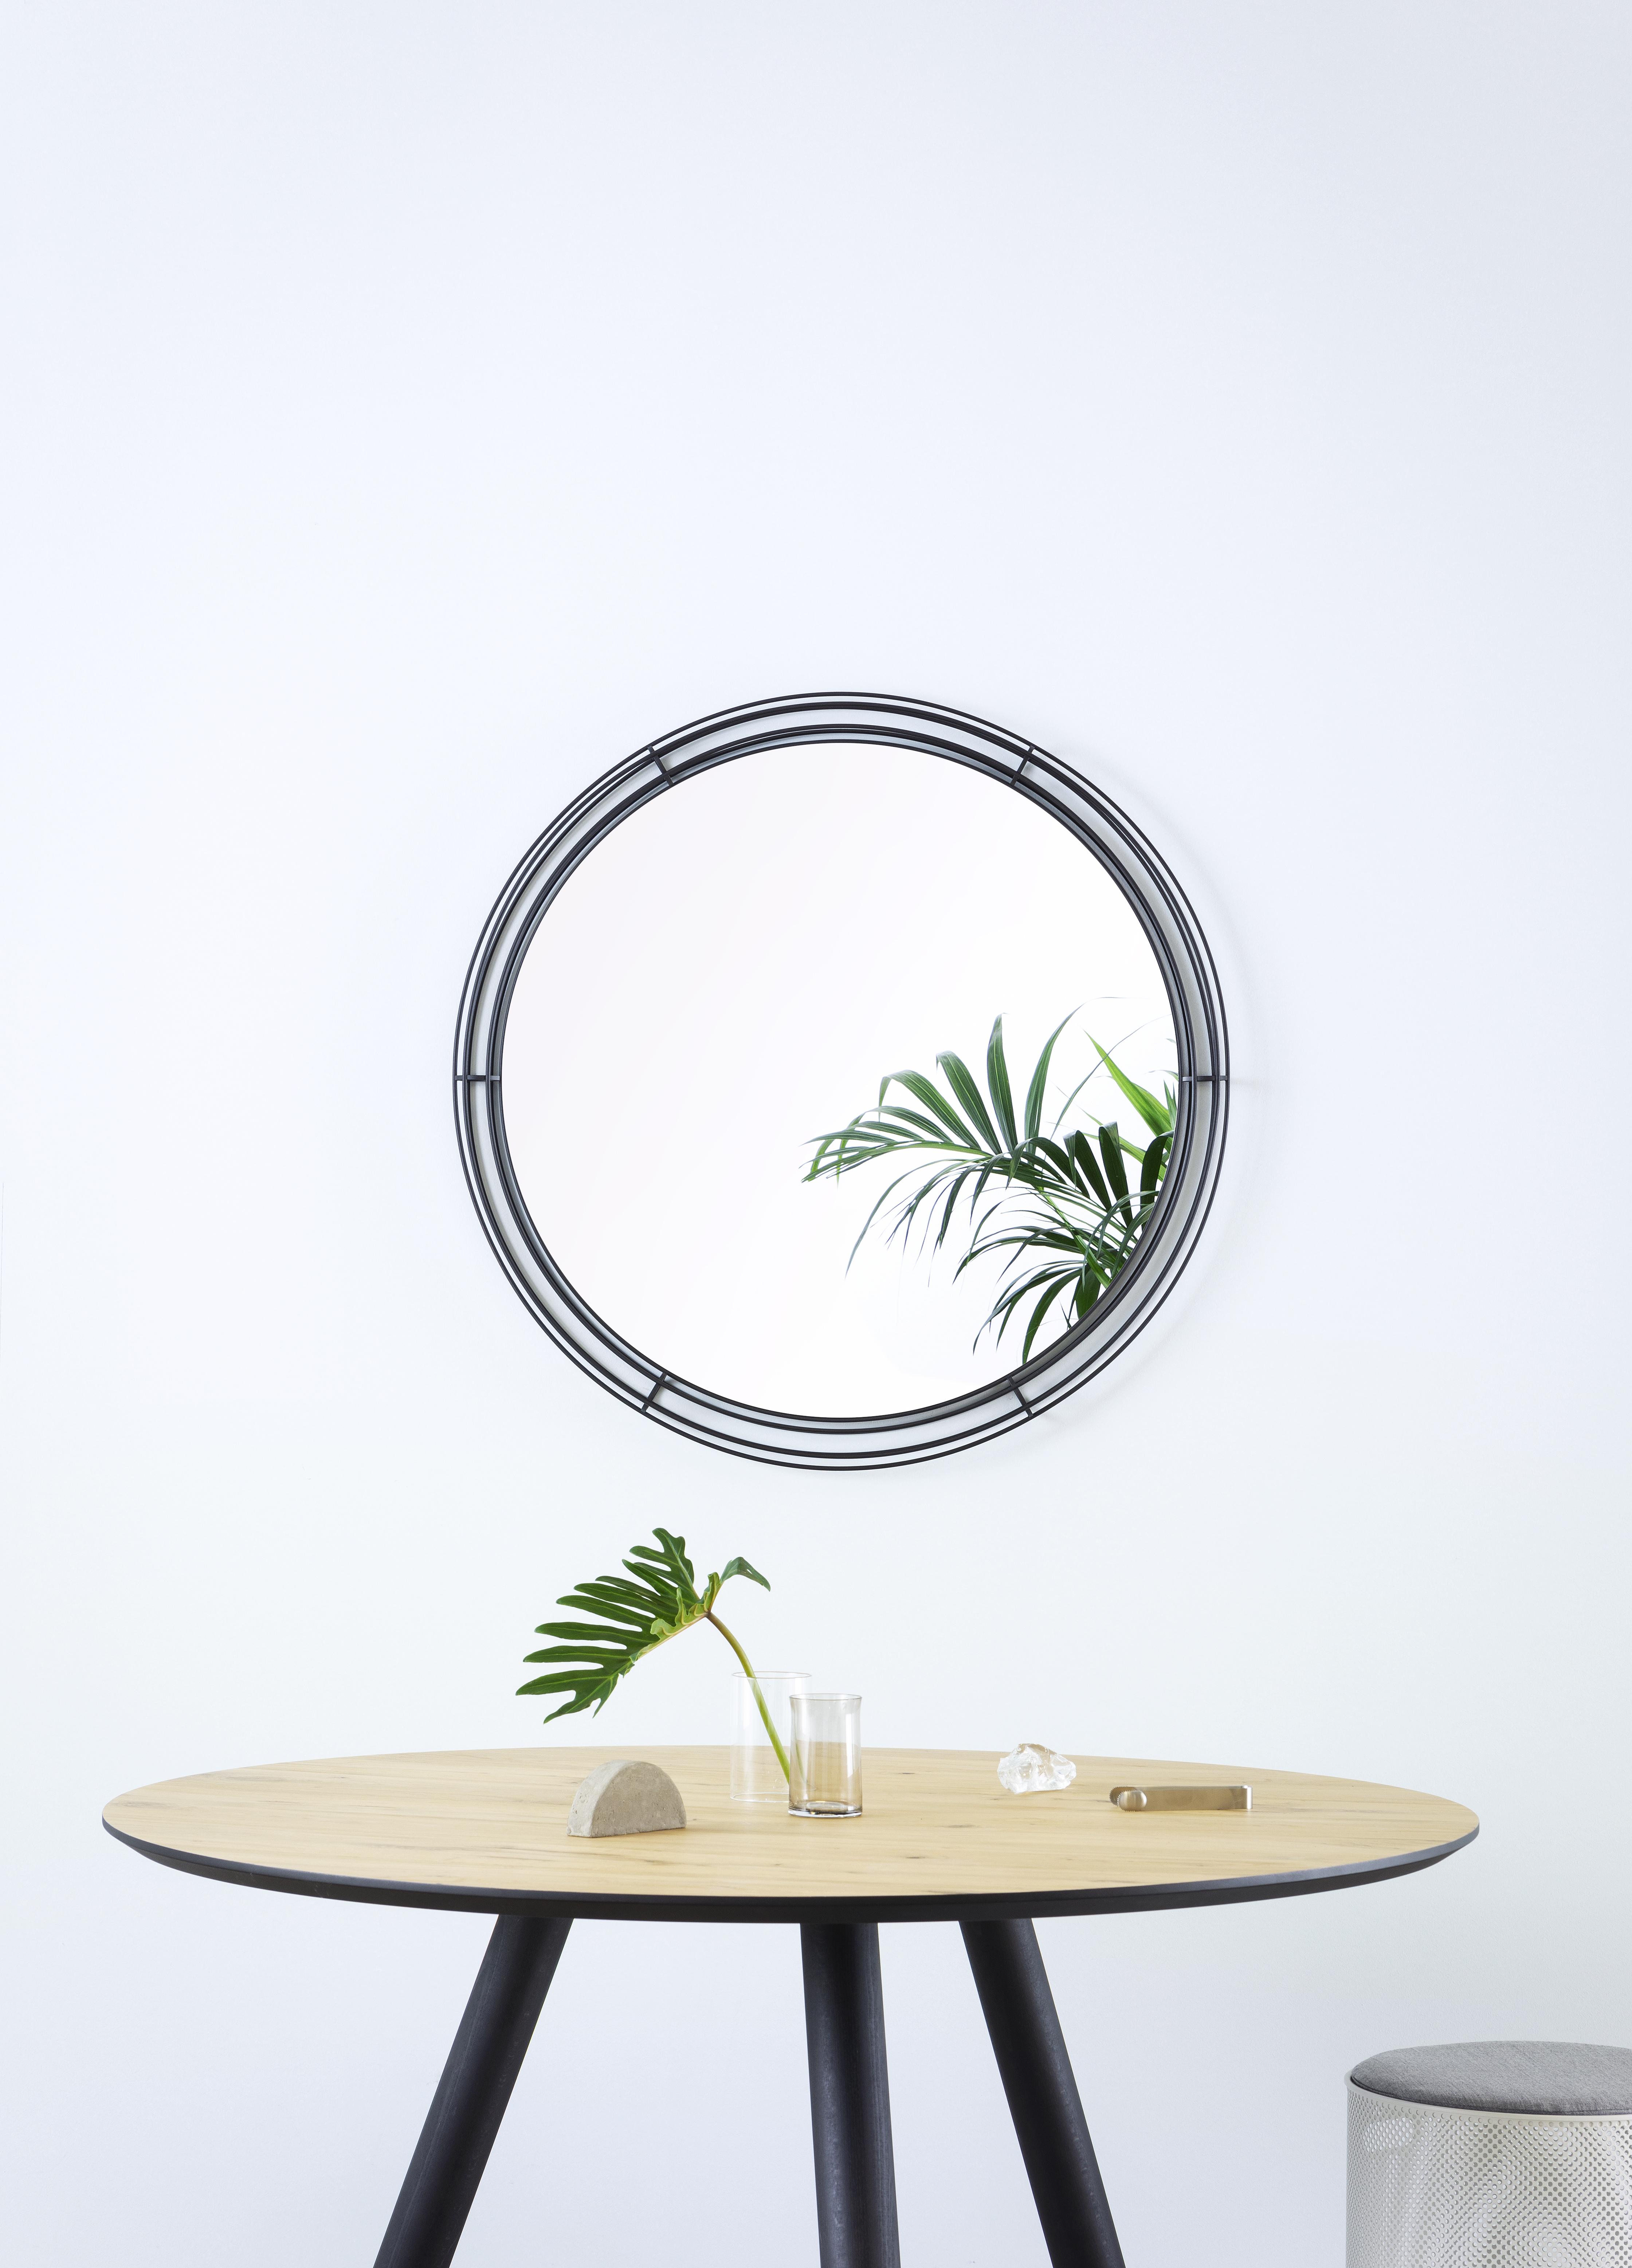 Ο εντυπωσιακός στρογγυλός καθρέφτης που σχεδίασε ο Γιάννης Γκίκας για τη νέα του συνεργασία με τη Hiro.